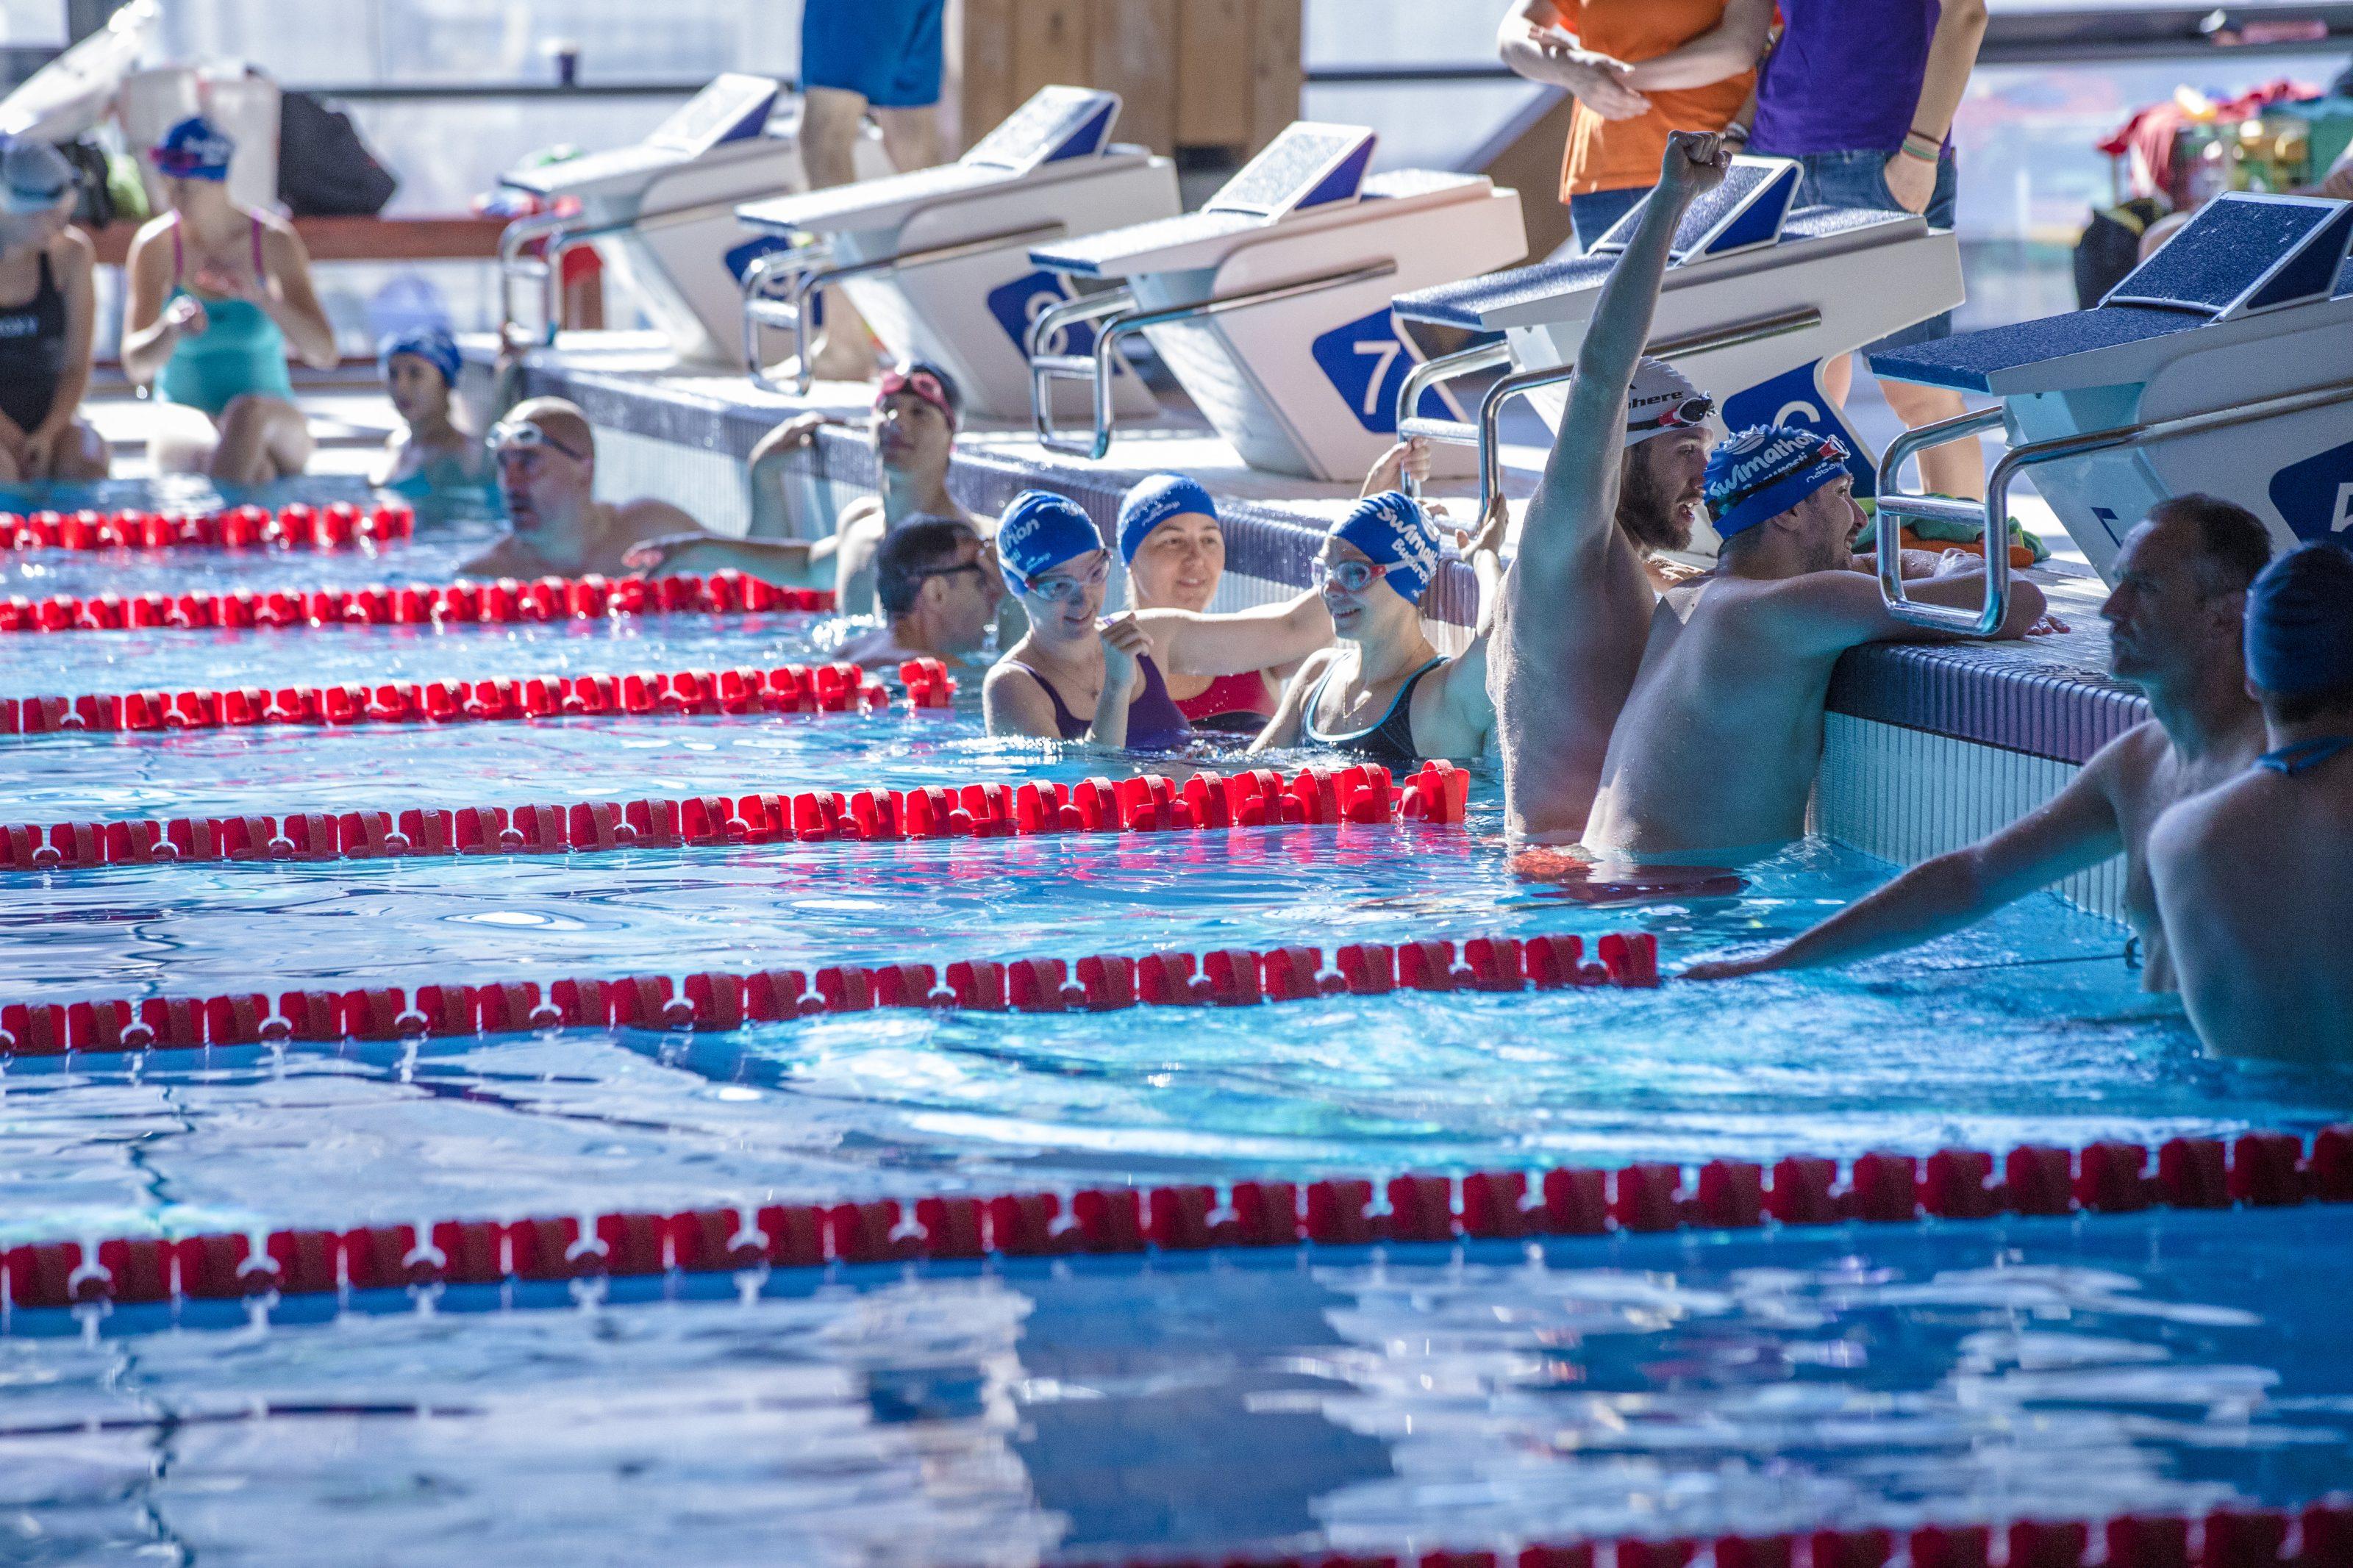 Vrei să înoți la Swimathon București și ai întrebări? Avem răspunsuri pentru tine